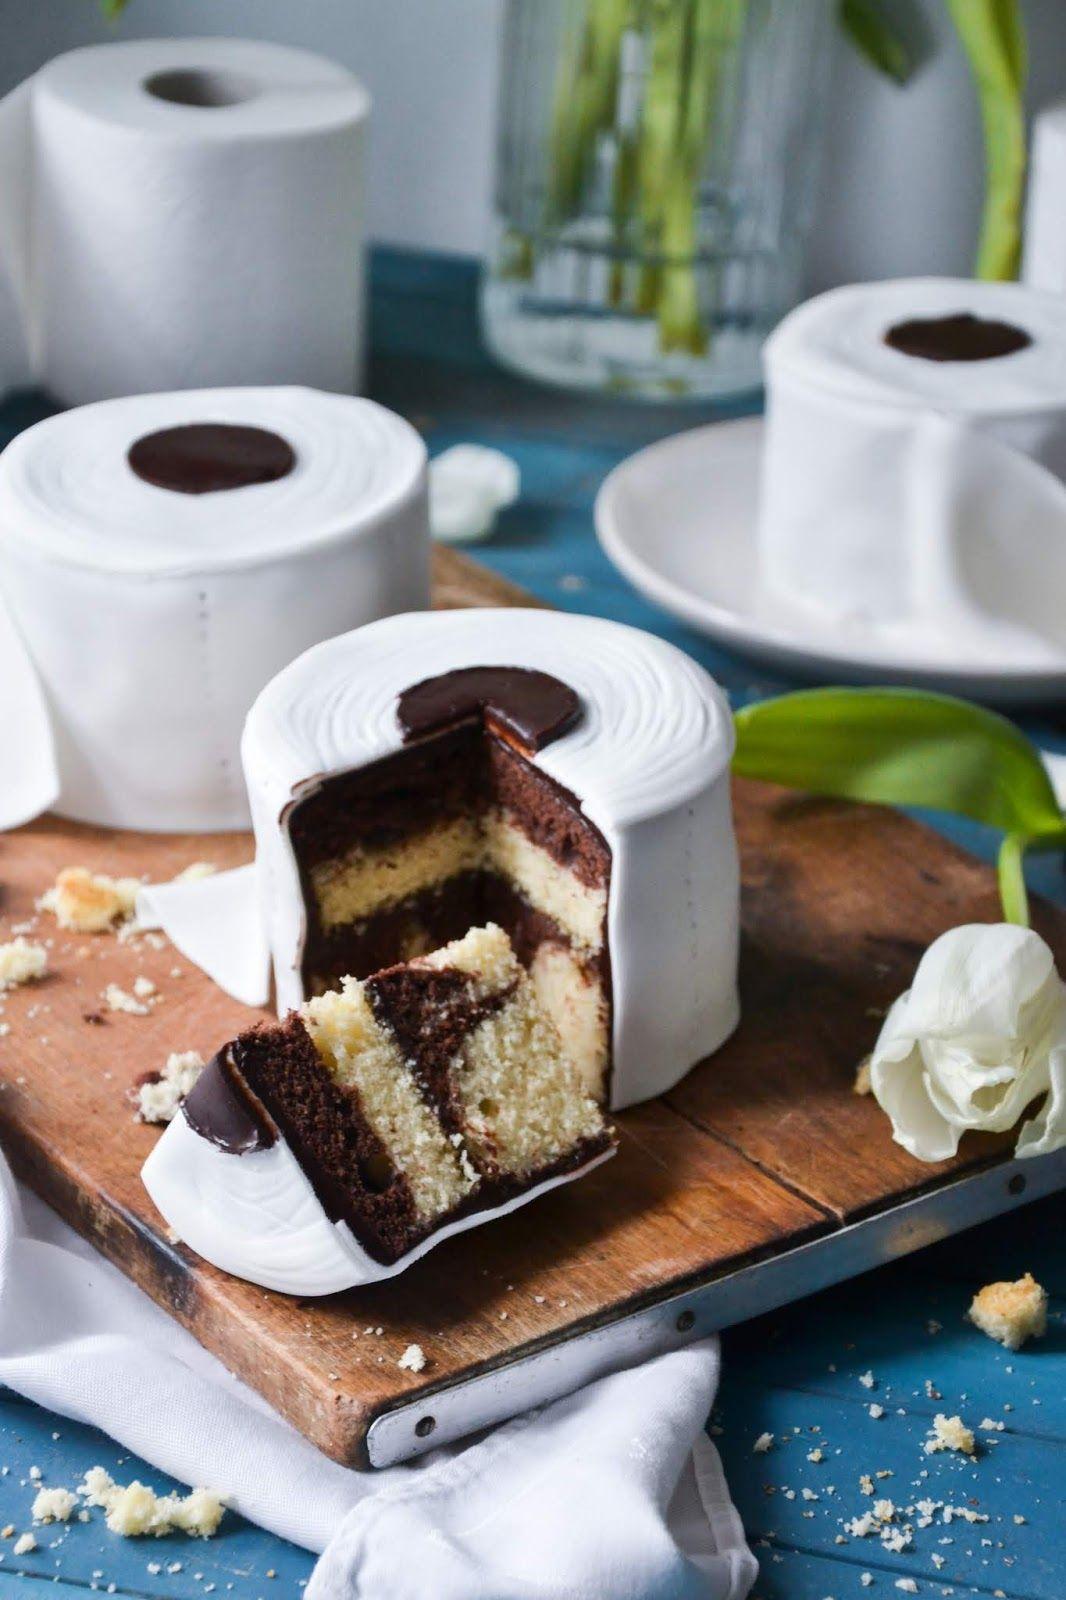 Christina Macht Was Toilettenpapiertorte Klopapierkuchen Klopapiertortchen In 2020 Kuchen Rezepte Einfach Toilettenpapiertorte Klopapiertorte